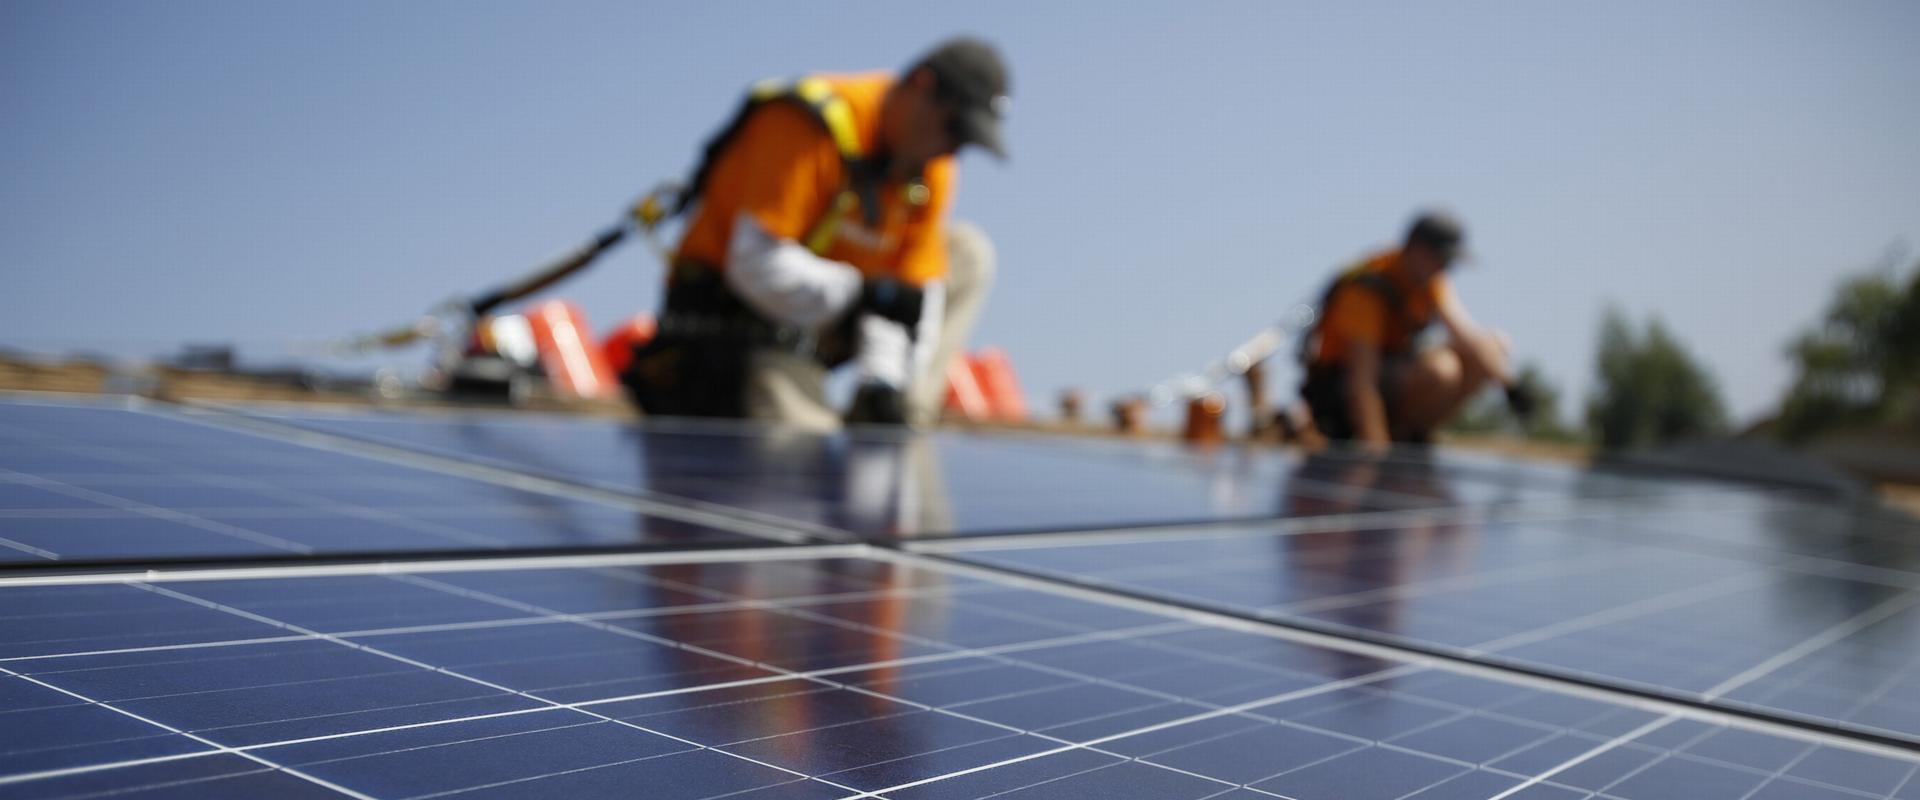 Solelpotential på stora takytor går till spillo